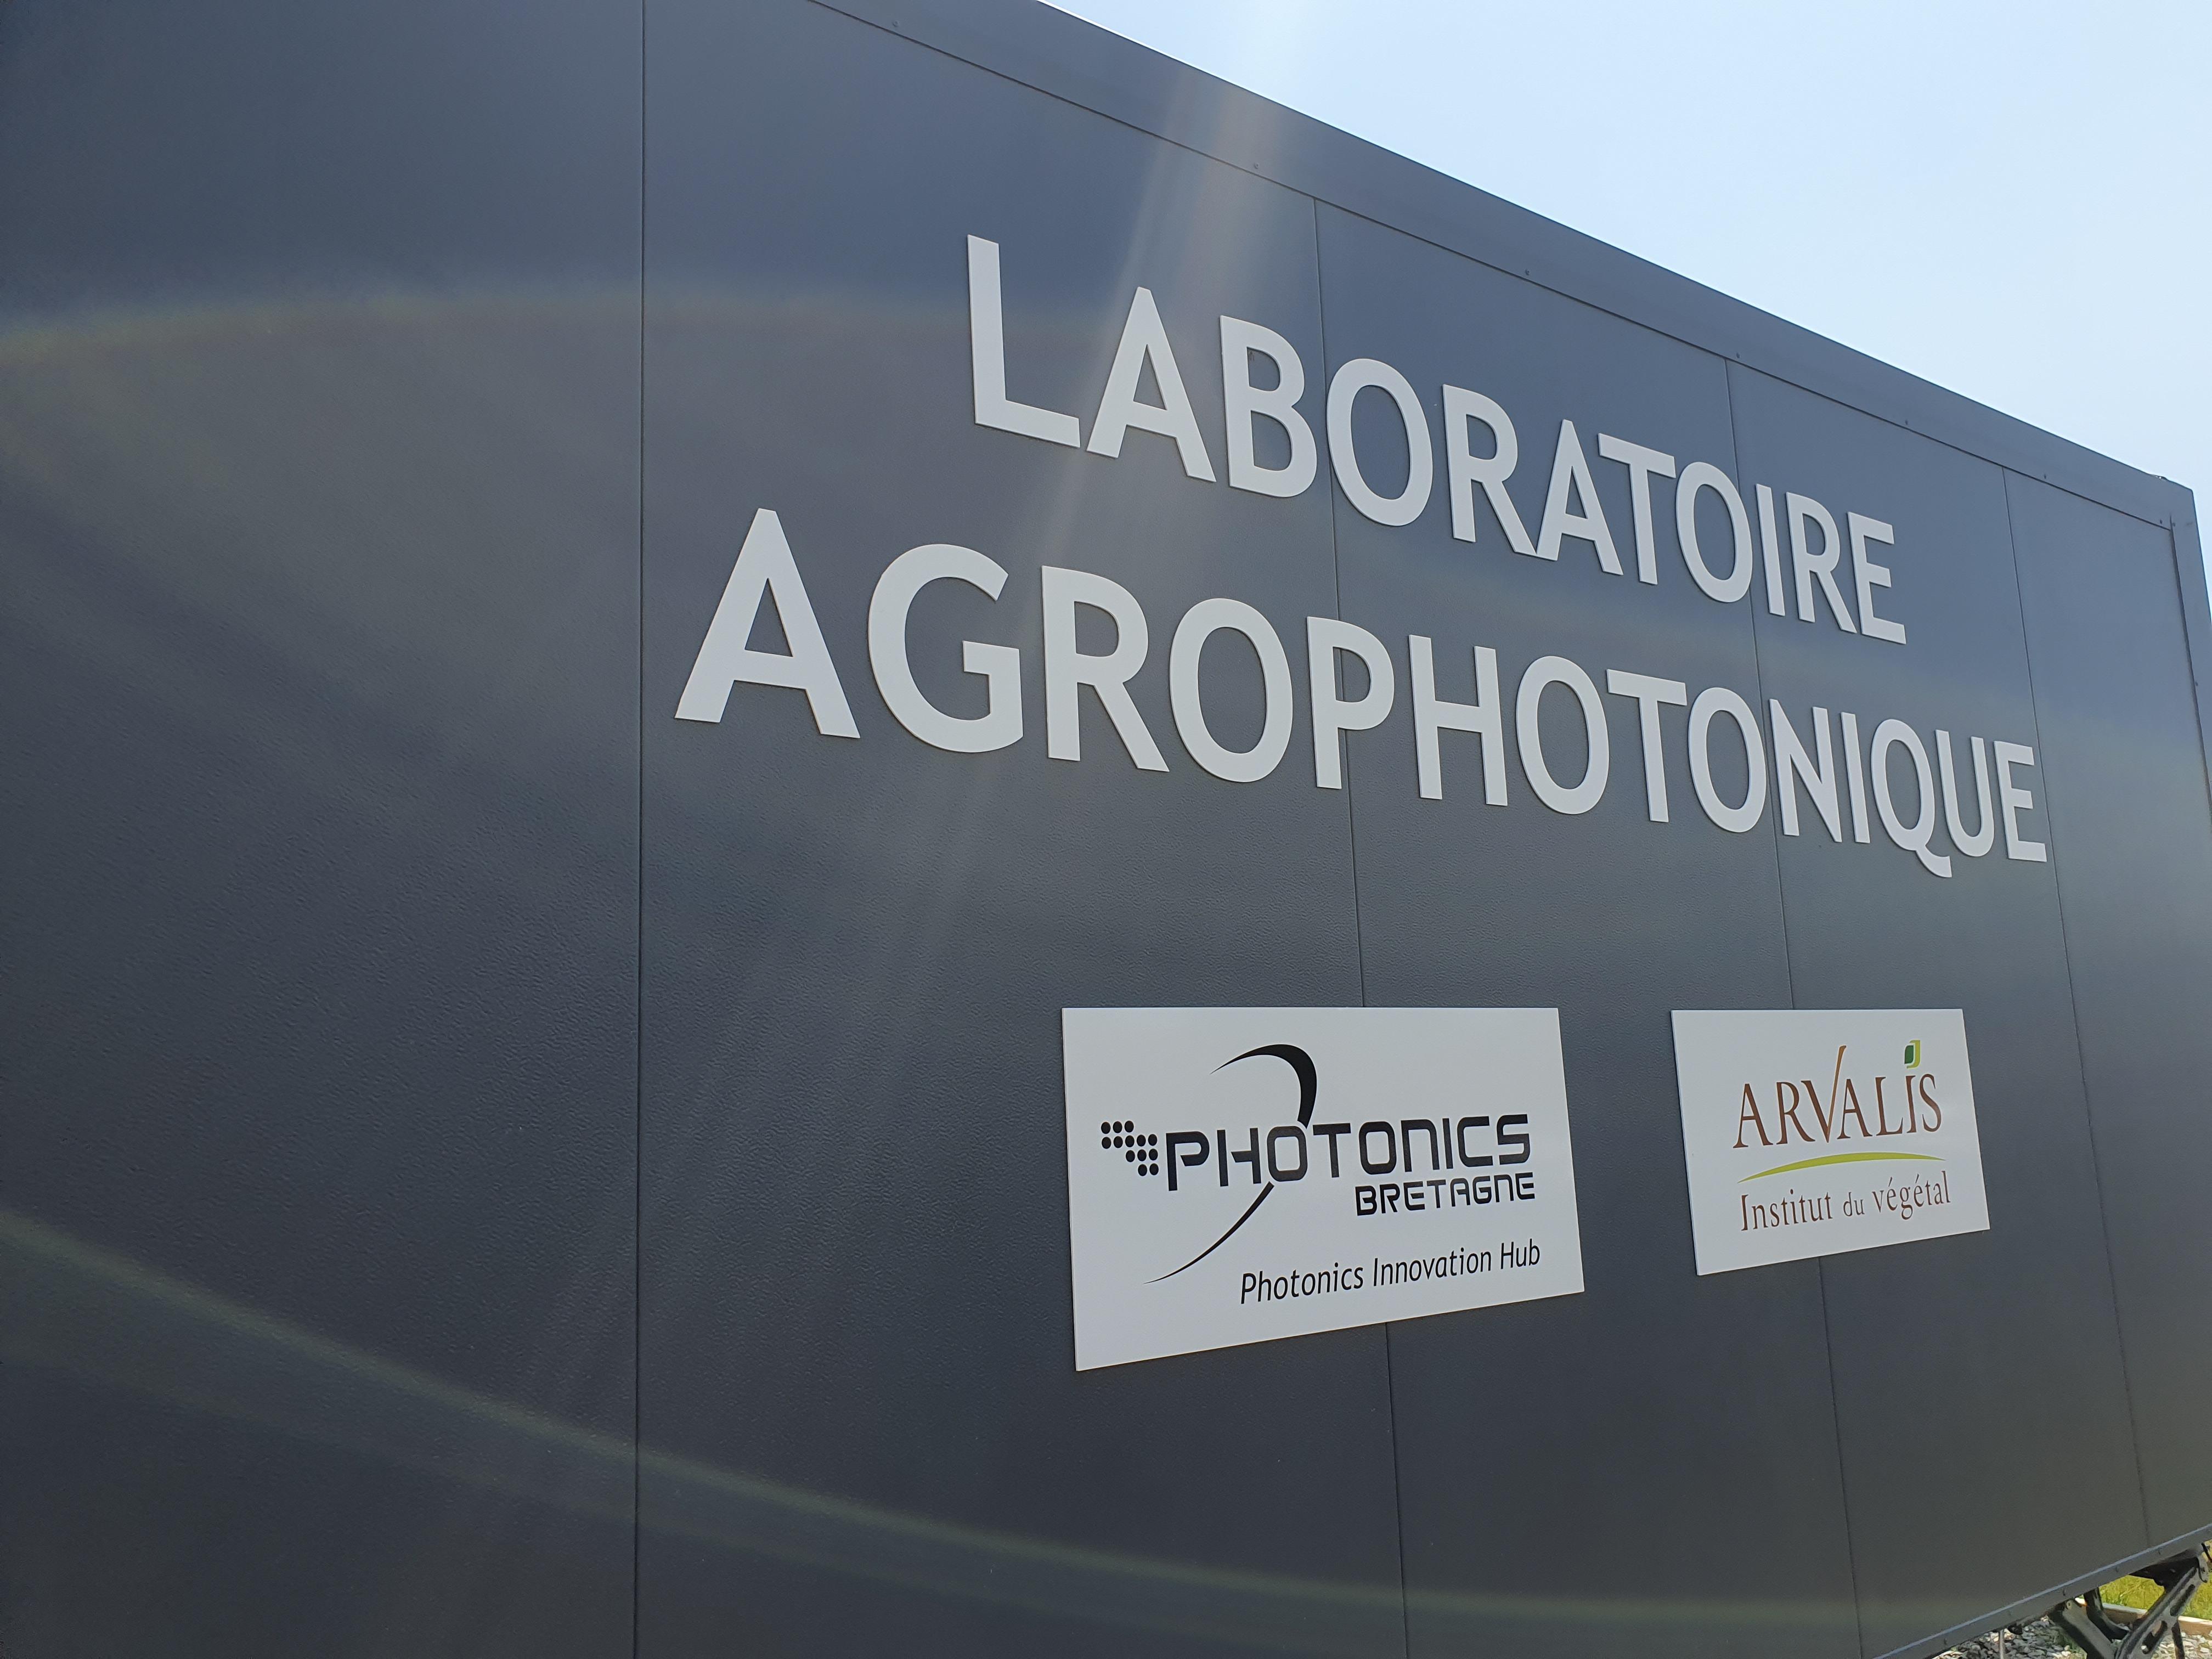 laboratoire-agrophotonique-exterieur2